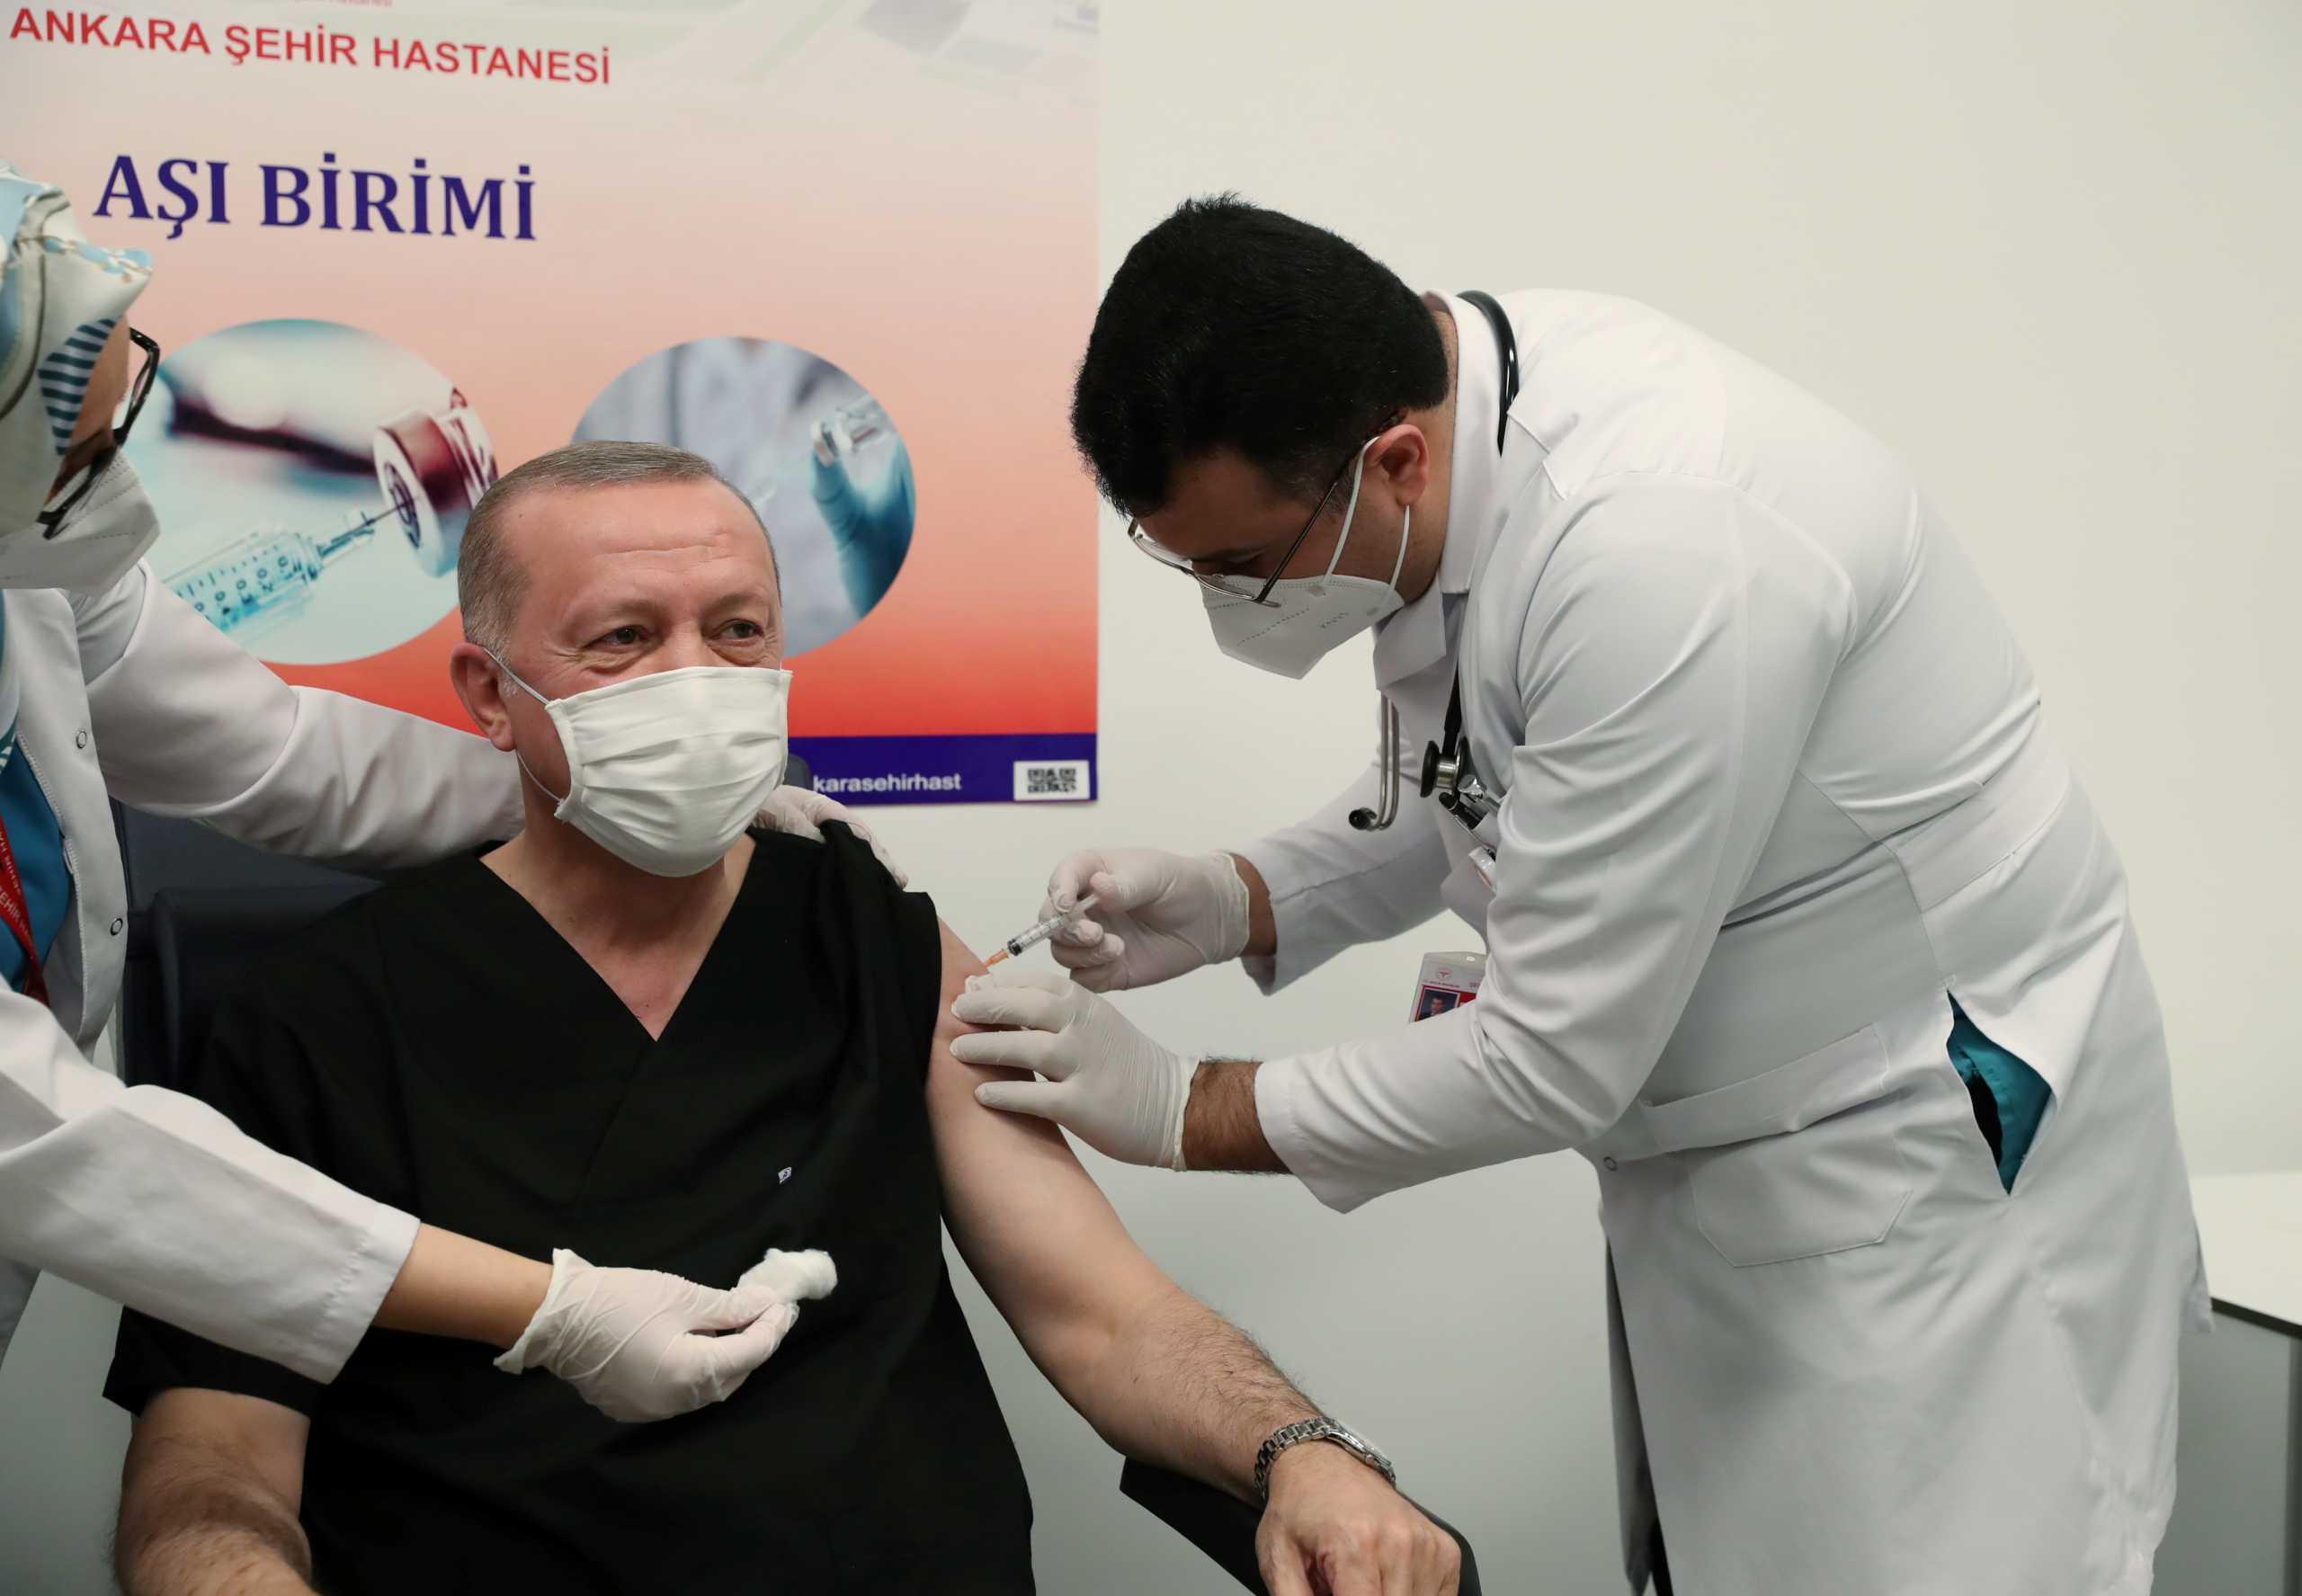 Κορονοϊός – Τουρκία: 7.590 κρούσματα και 94 θάνατοι σε 24 ώρες